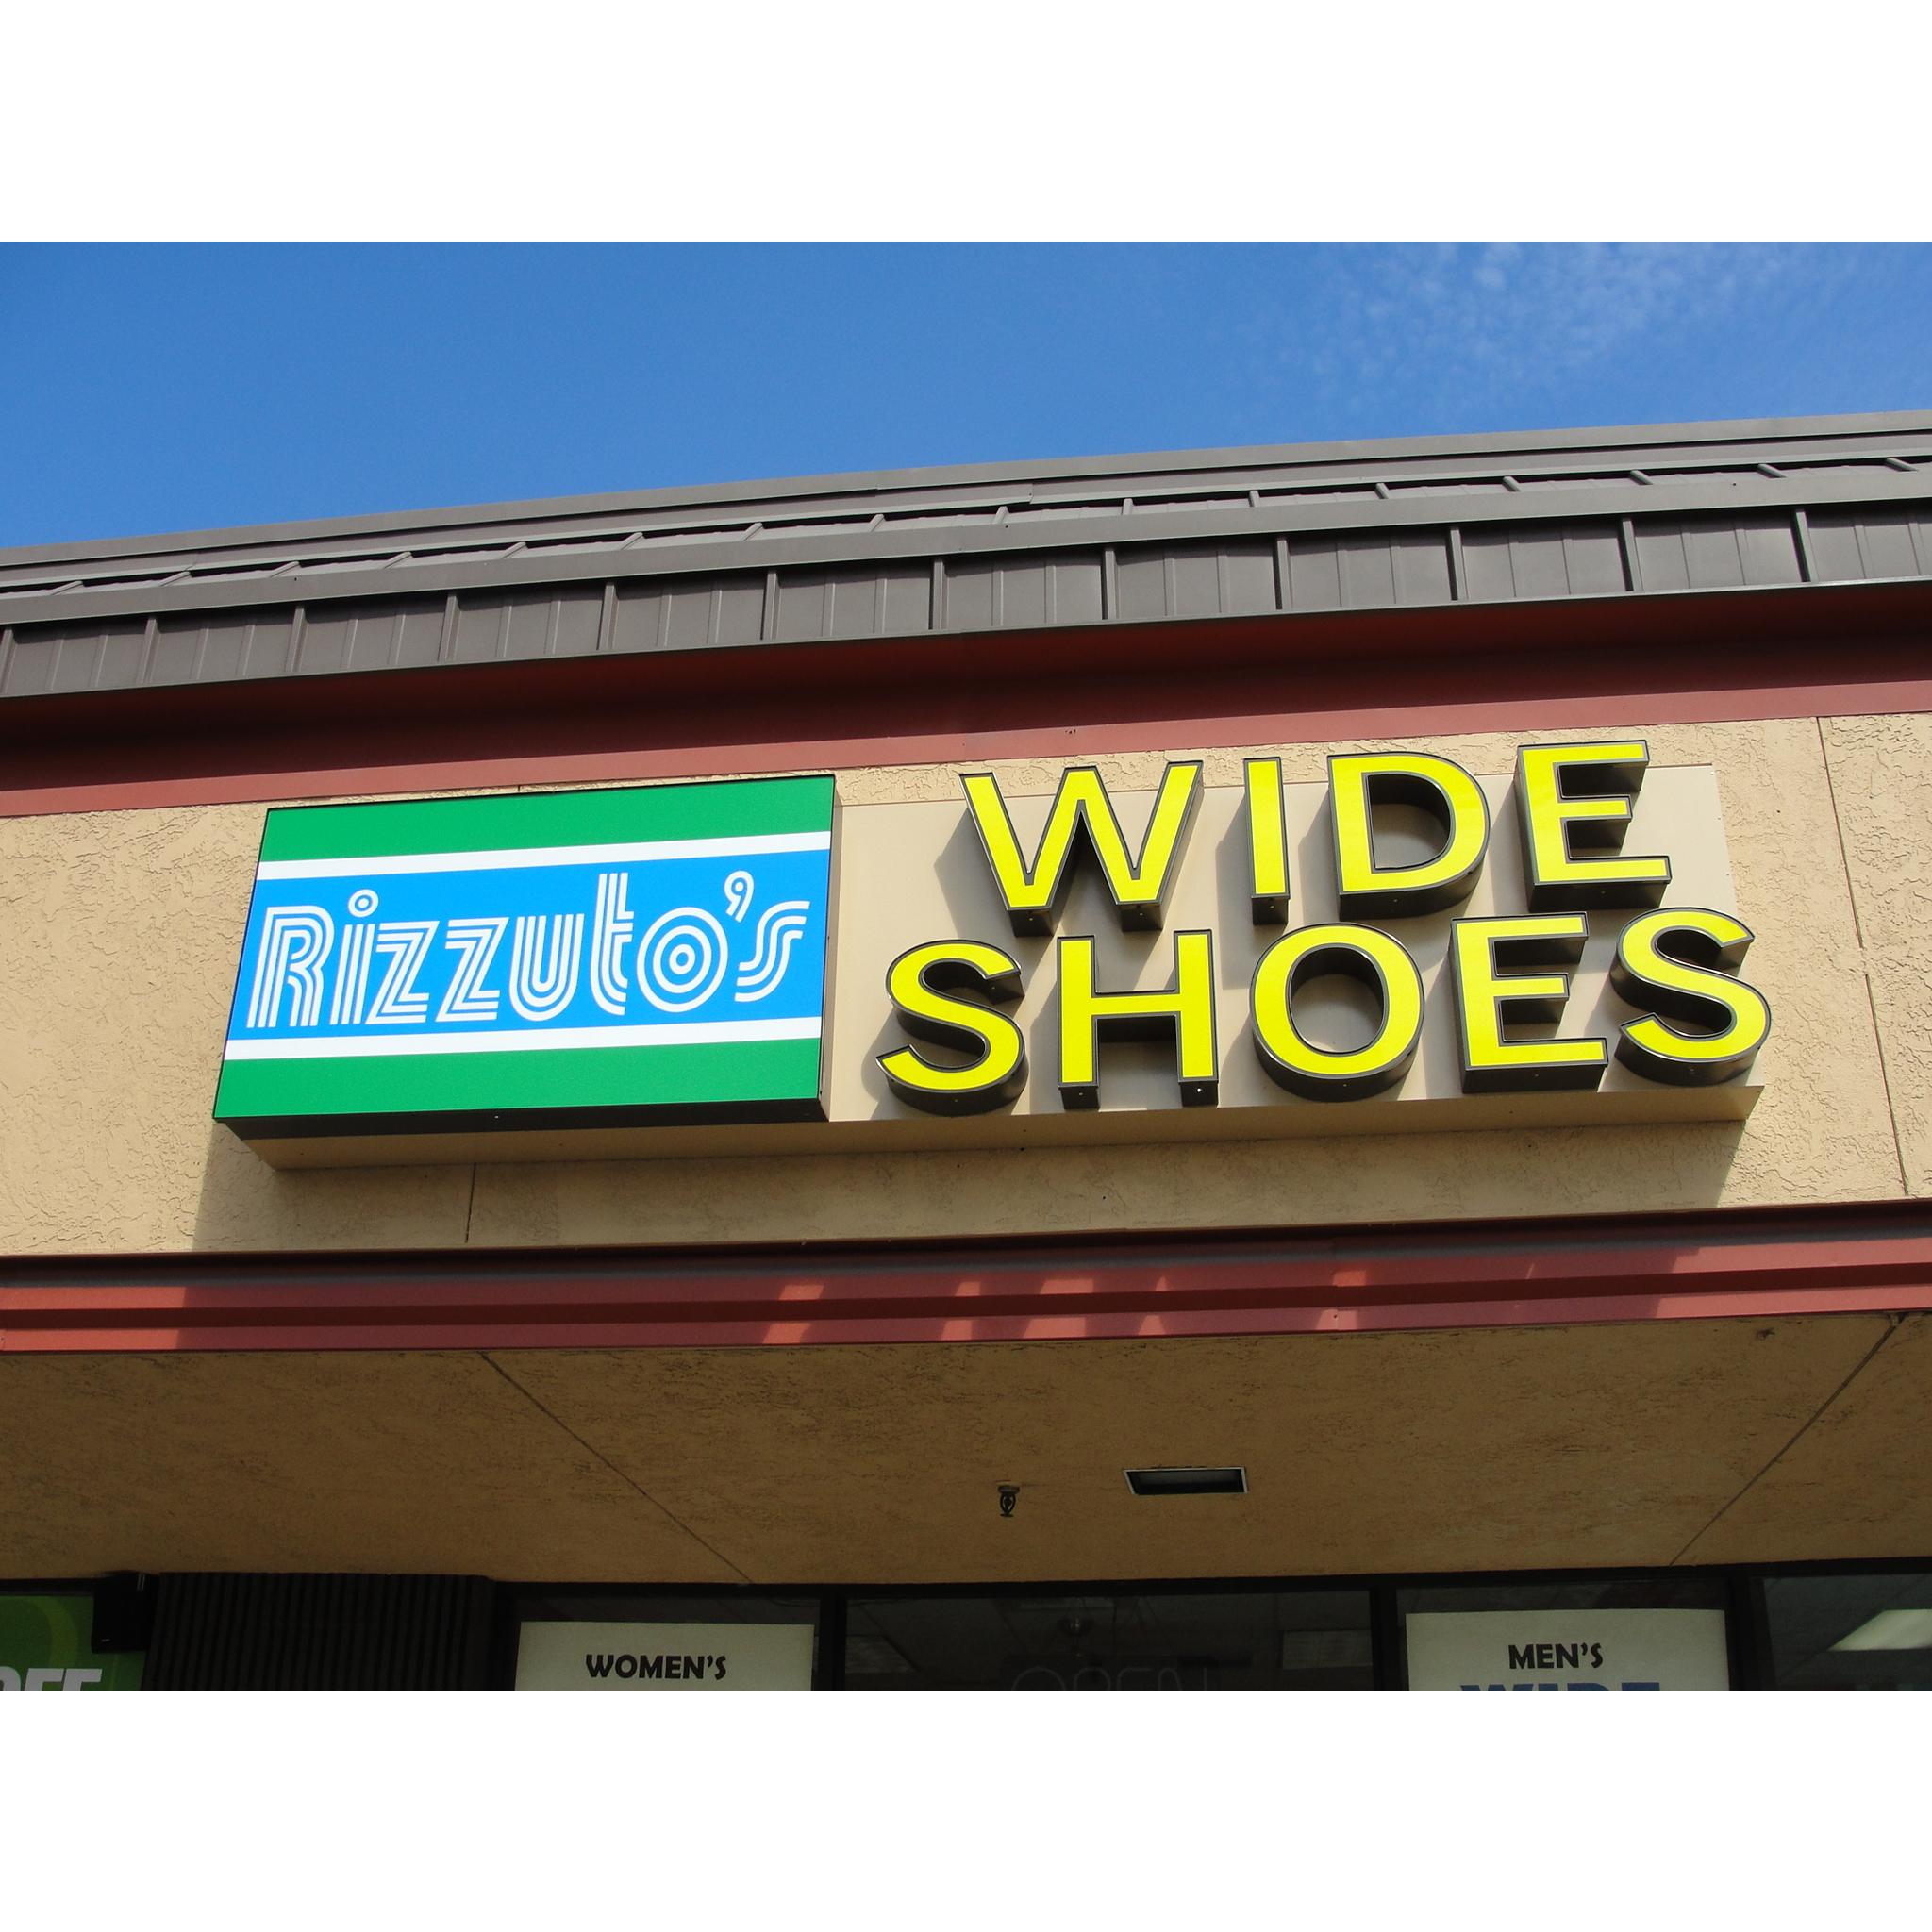 Sas Shoe Store Spokane Wa